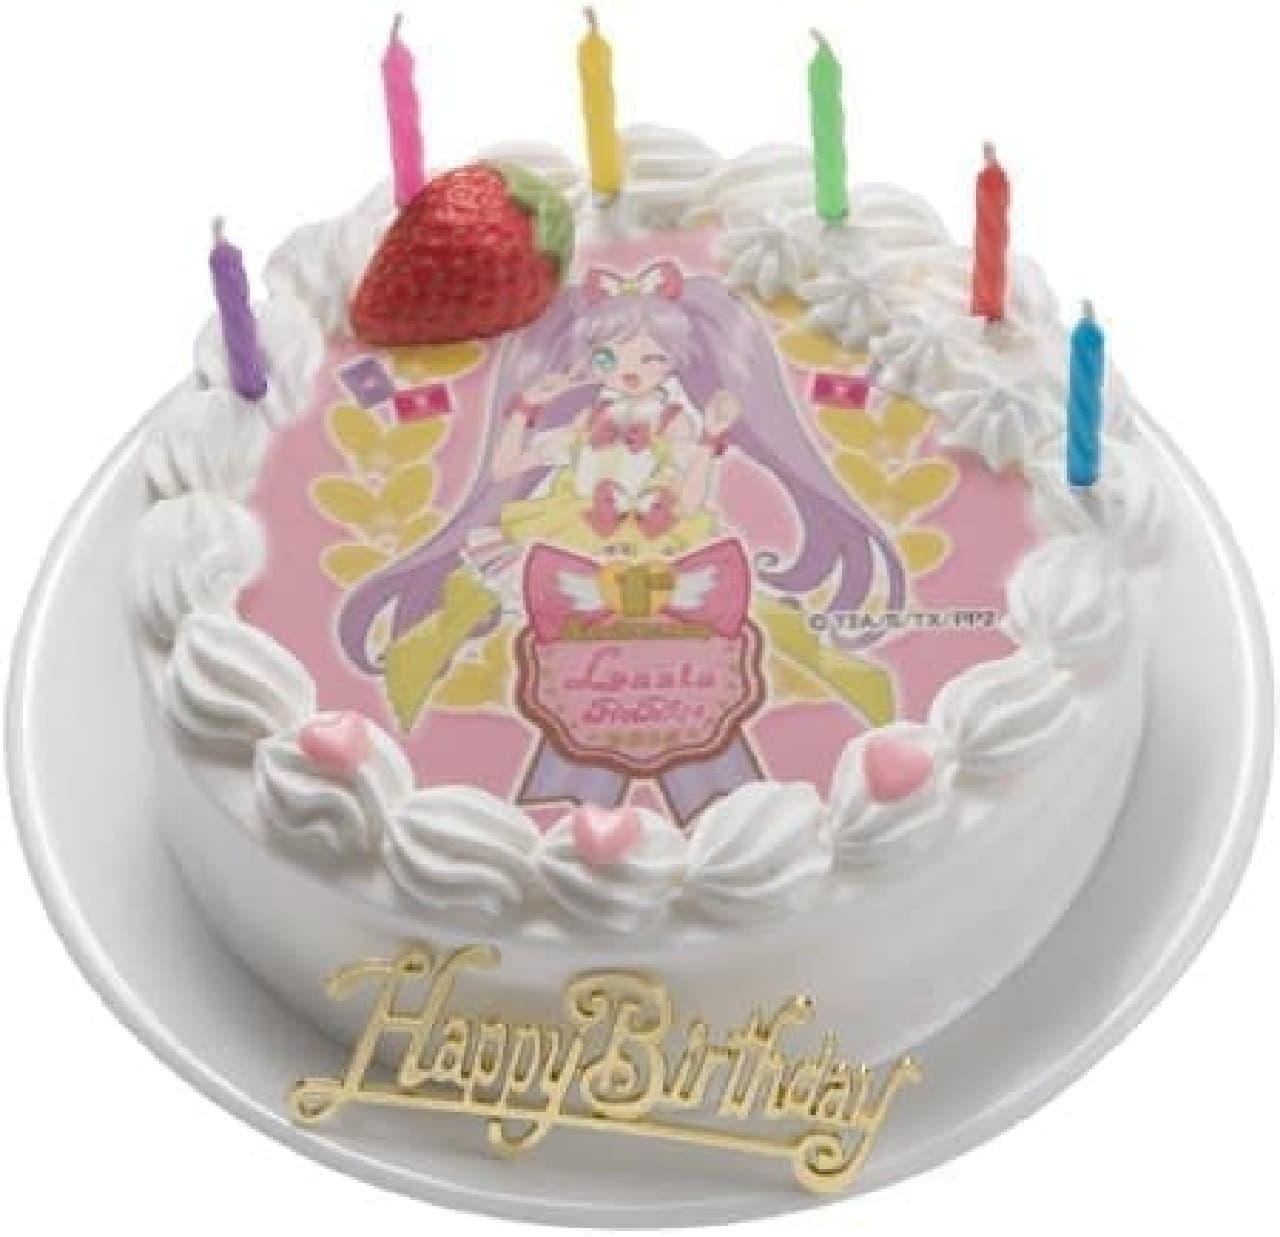 お気に入りのキャラクターケーキで誕生日をお祝い